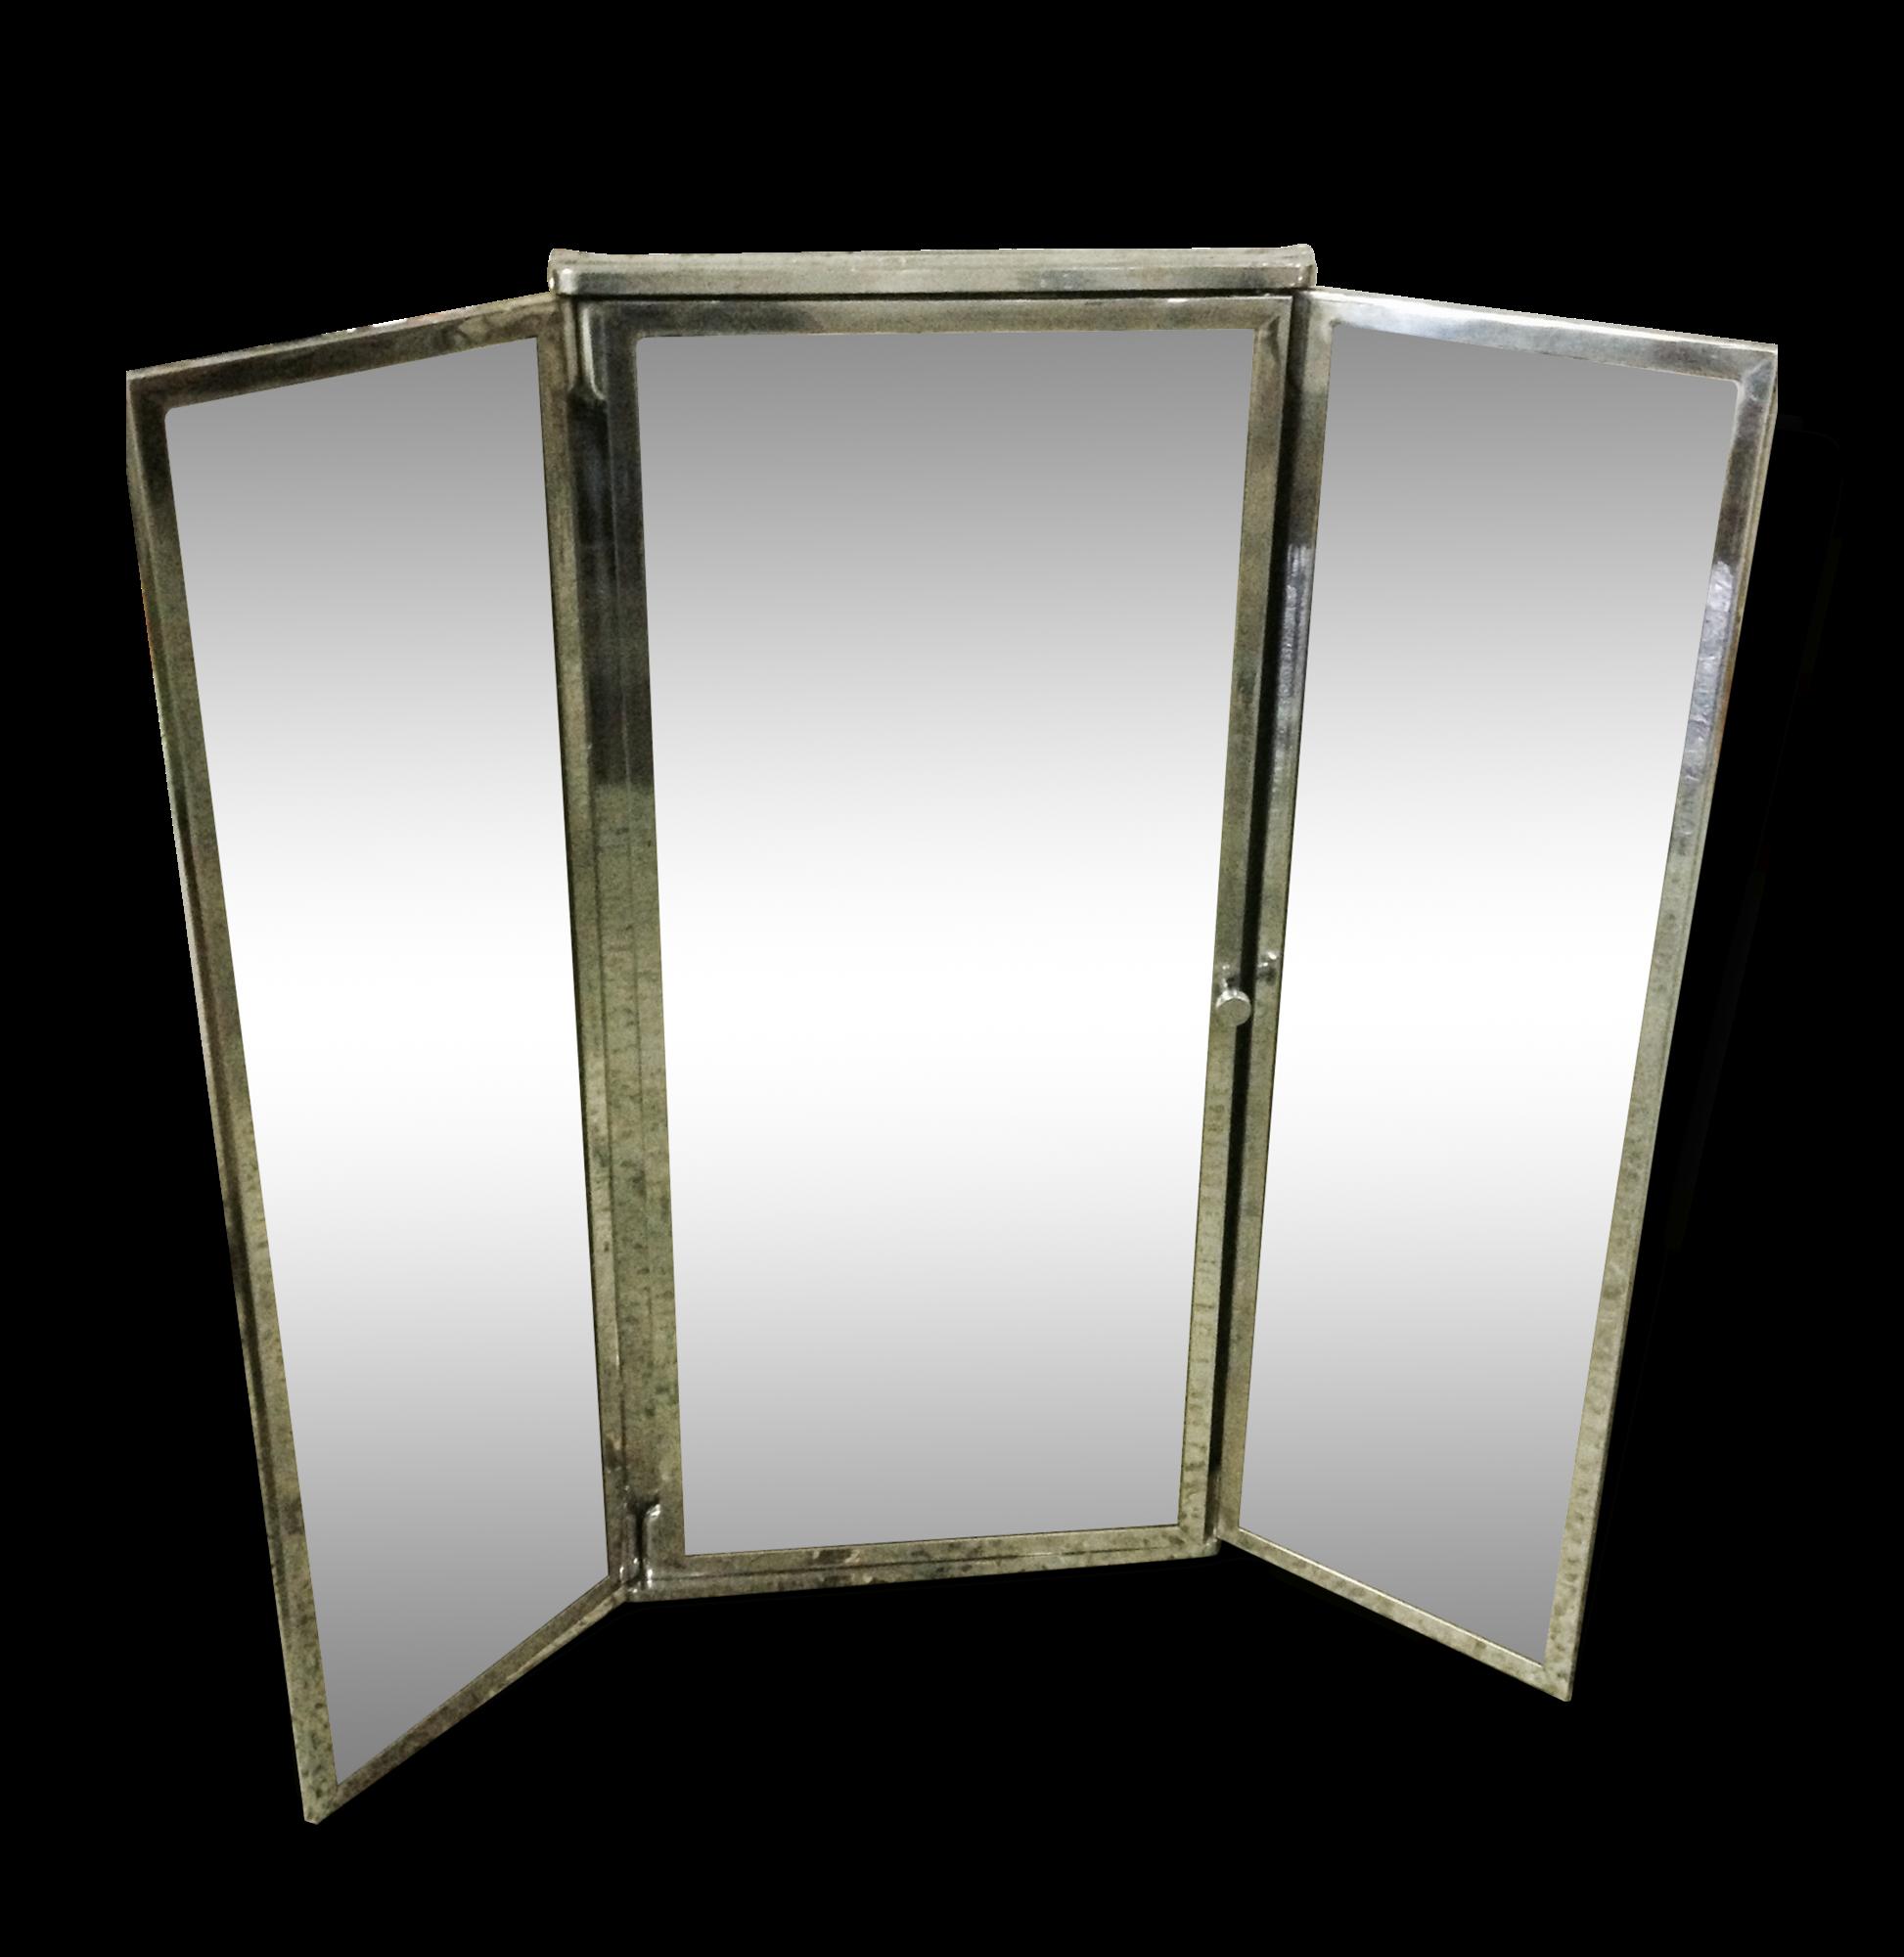 Armoire Triptyque De Salle De Bain Miroir Art Deco Chrome